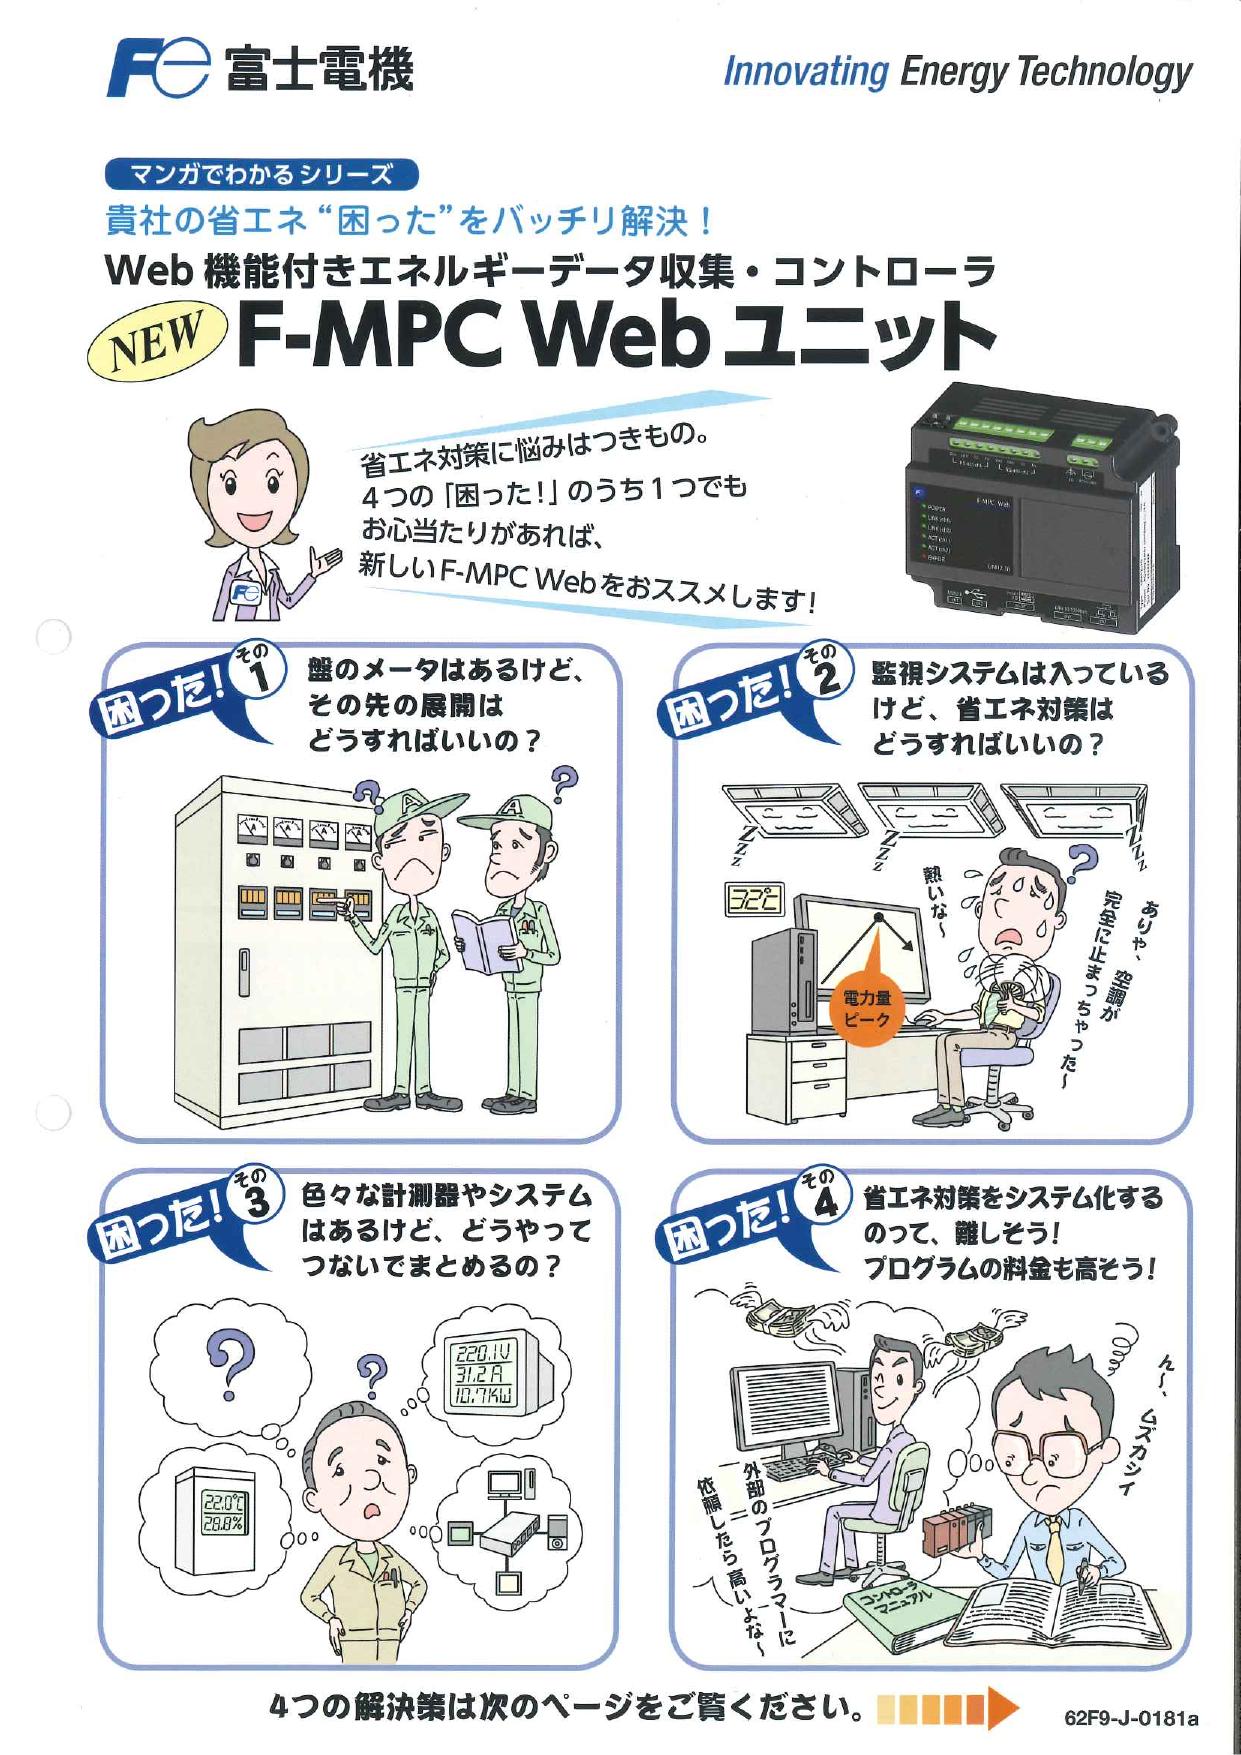 Web機能付きエネルギーデータ収集・コントローラ F-MPC Webユニット